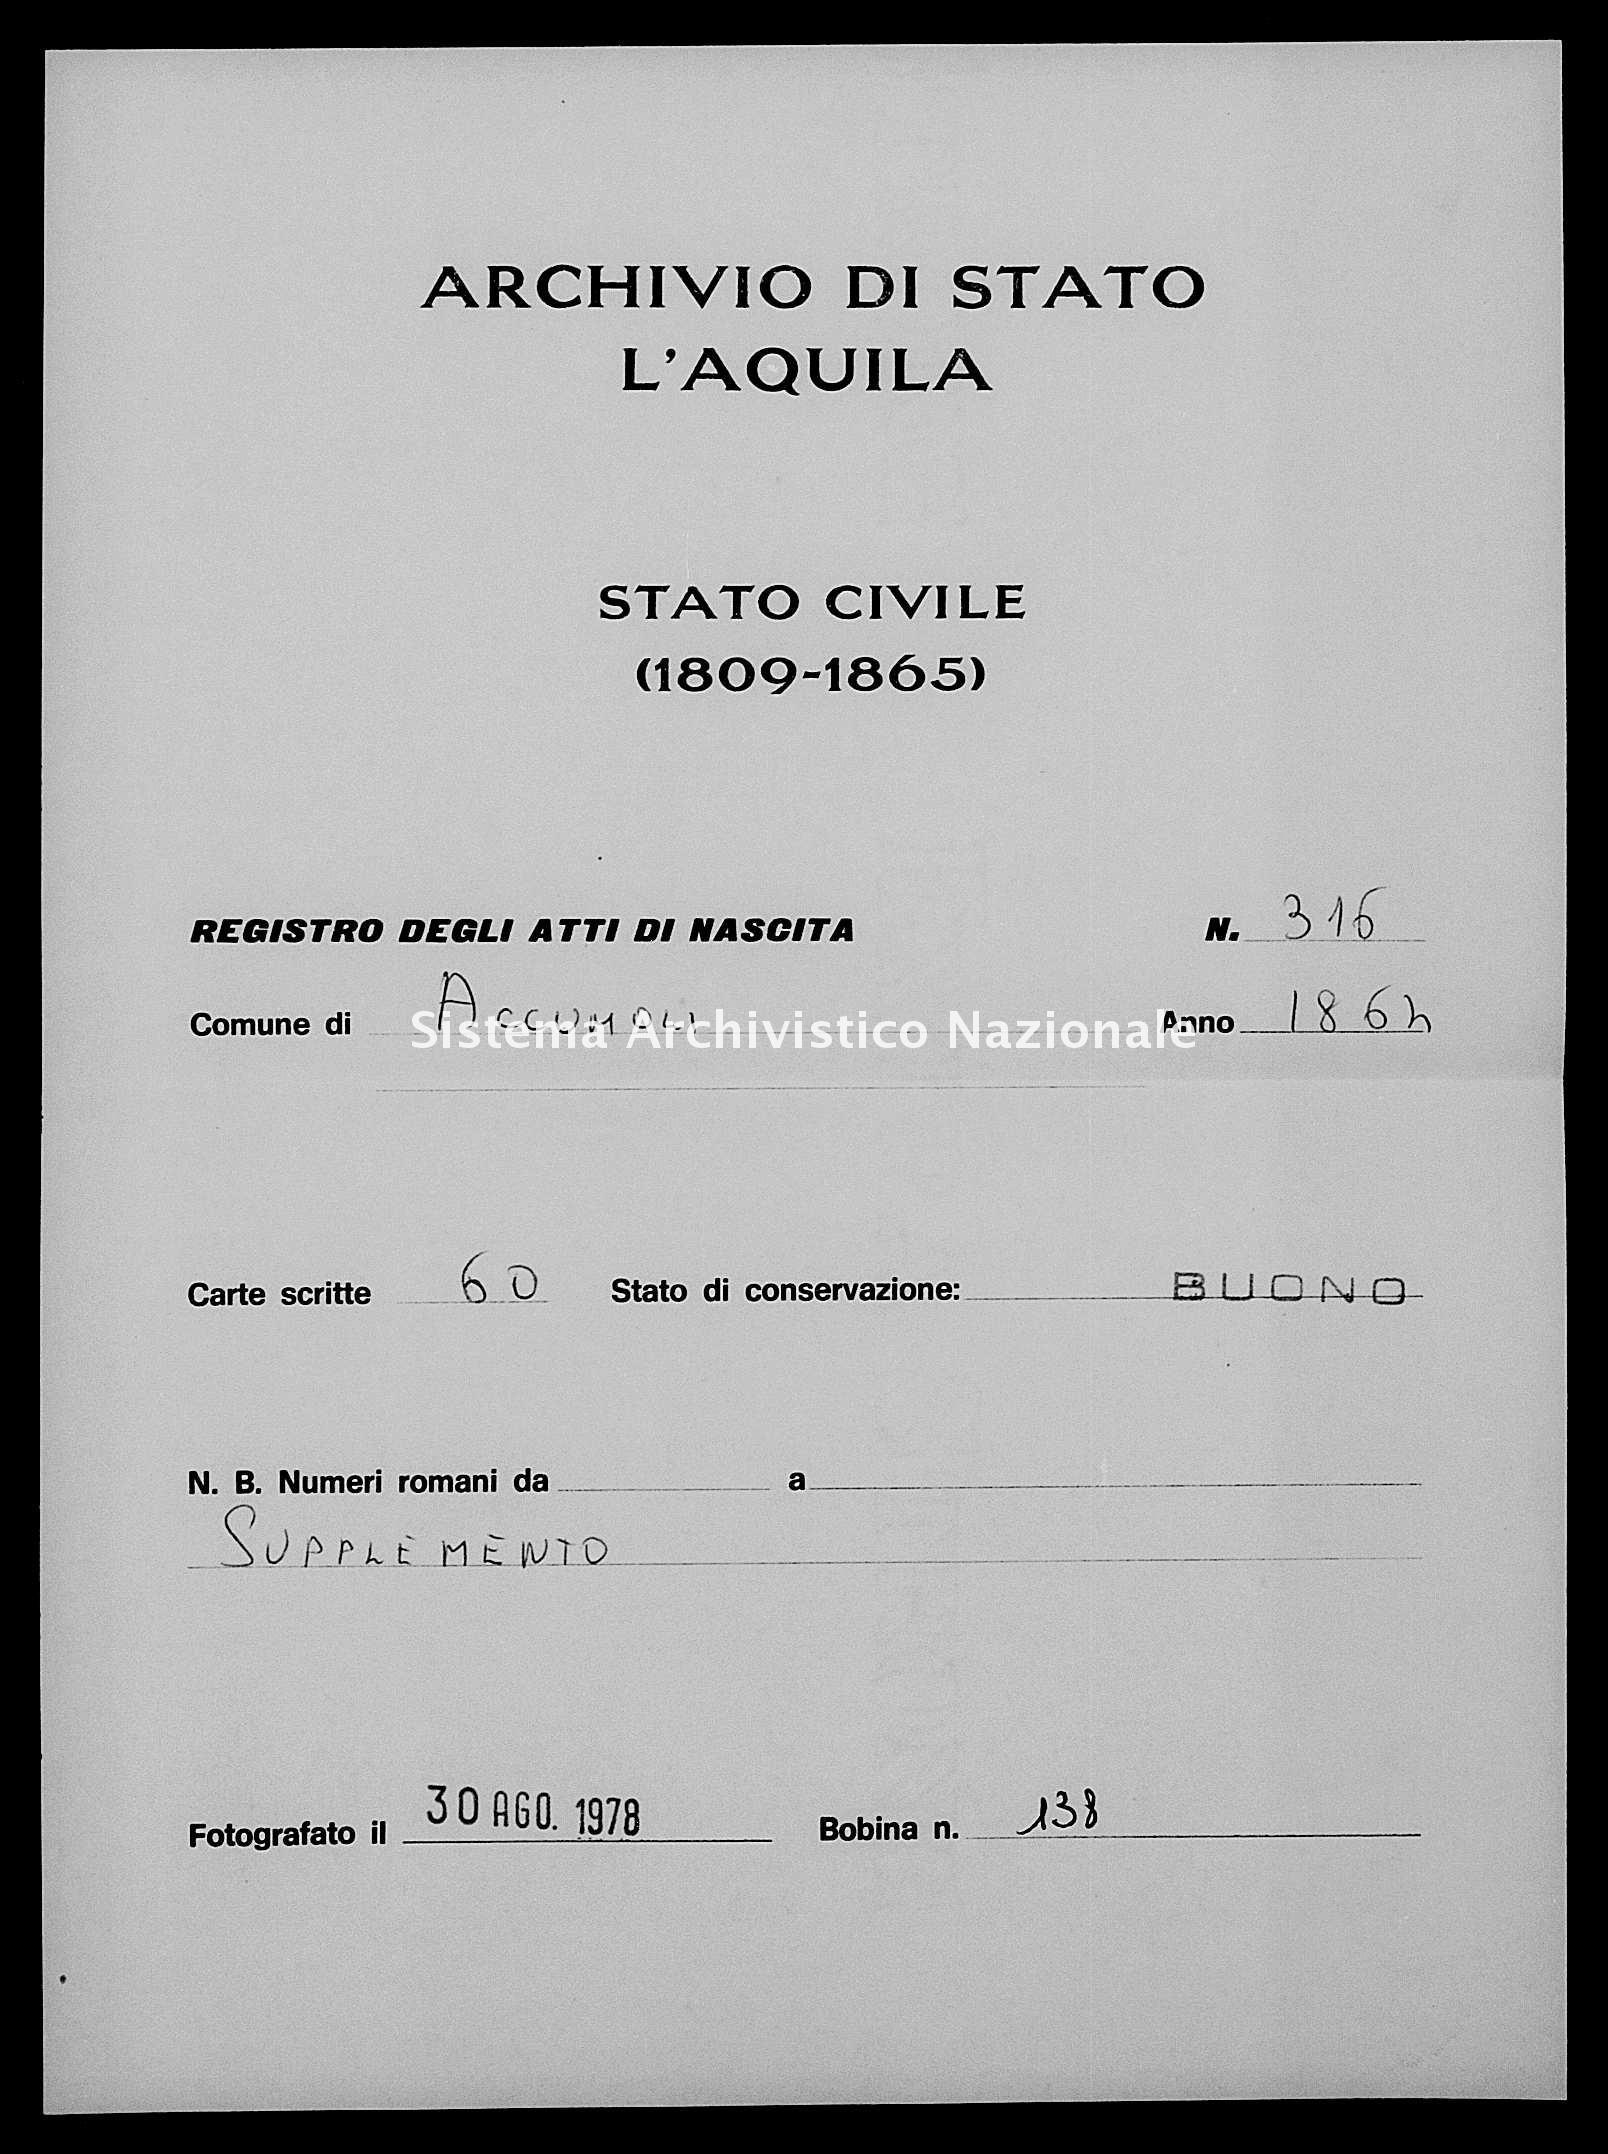 Archivio di stato di L'aquila - Stato civile italiano - Accumoli - Nati, battesimi - 1864 - 316 -